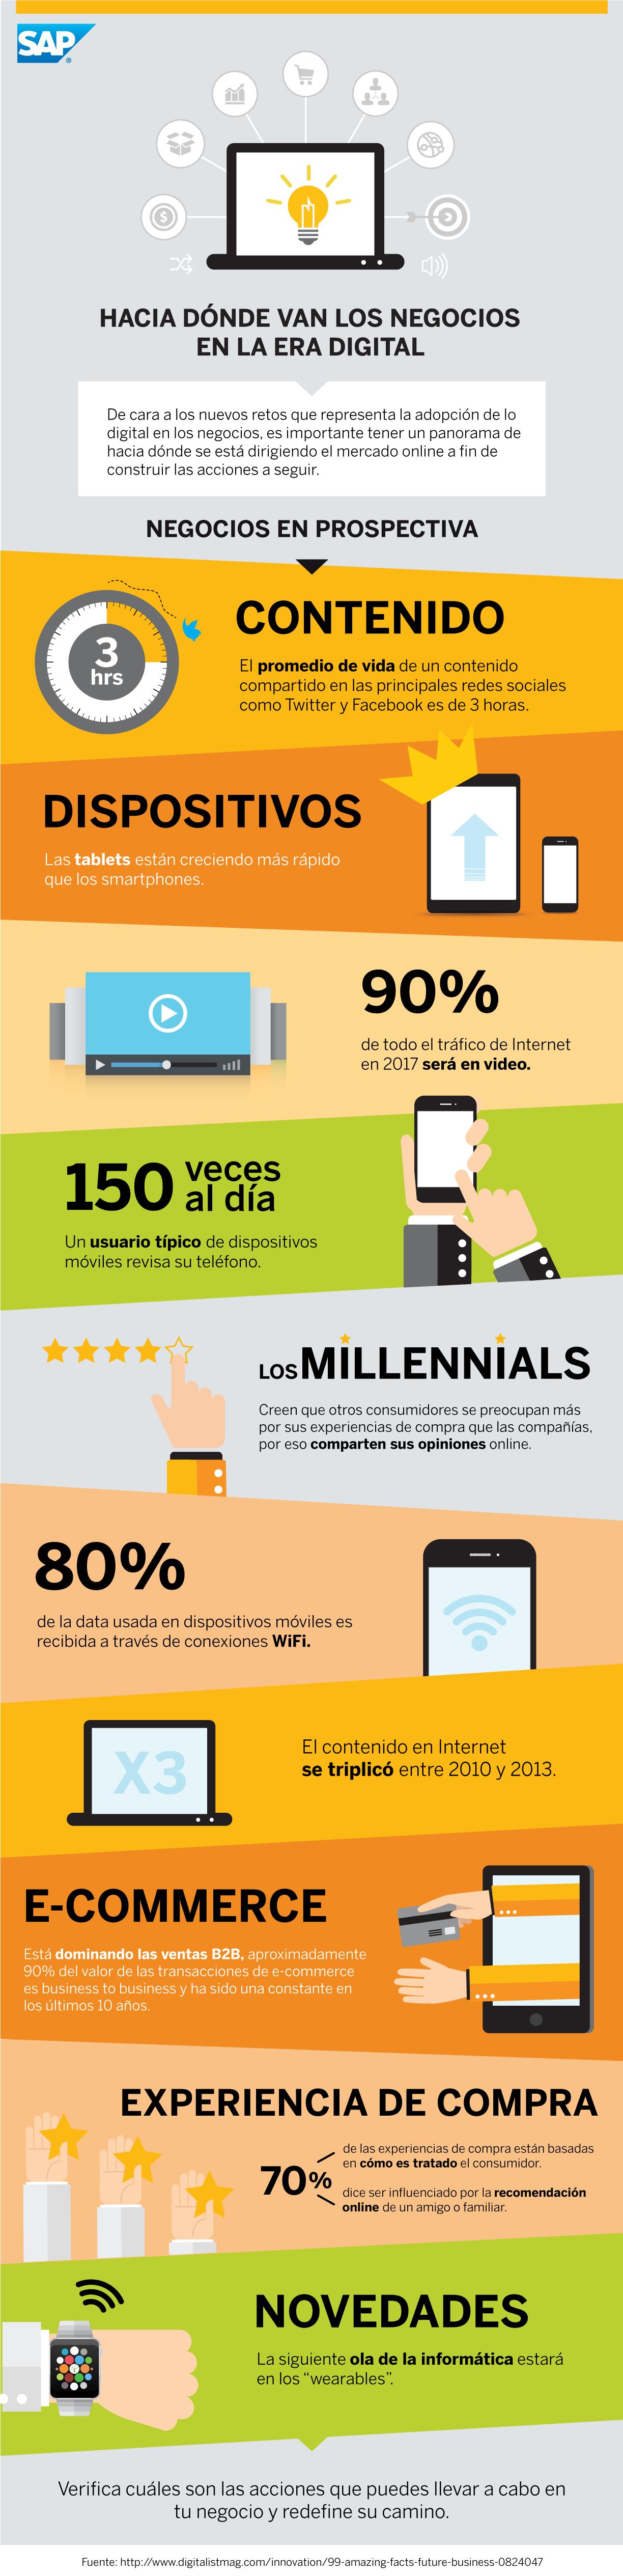 Cómo-se-están-transformando-los-negocios-en-la-era-digital_infografía